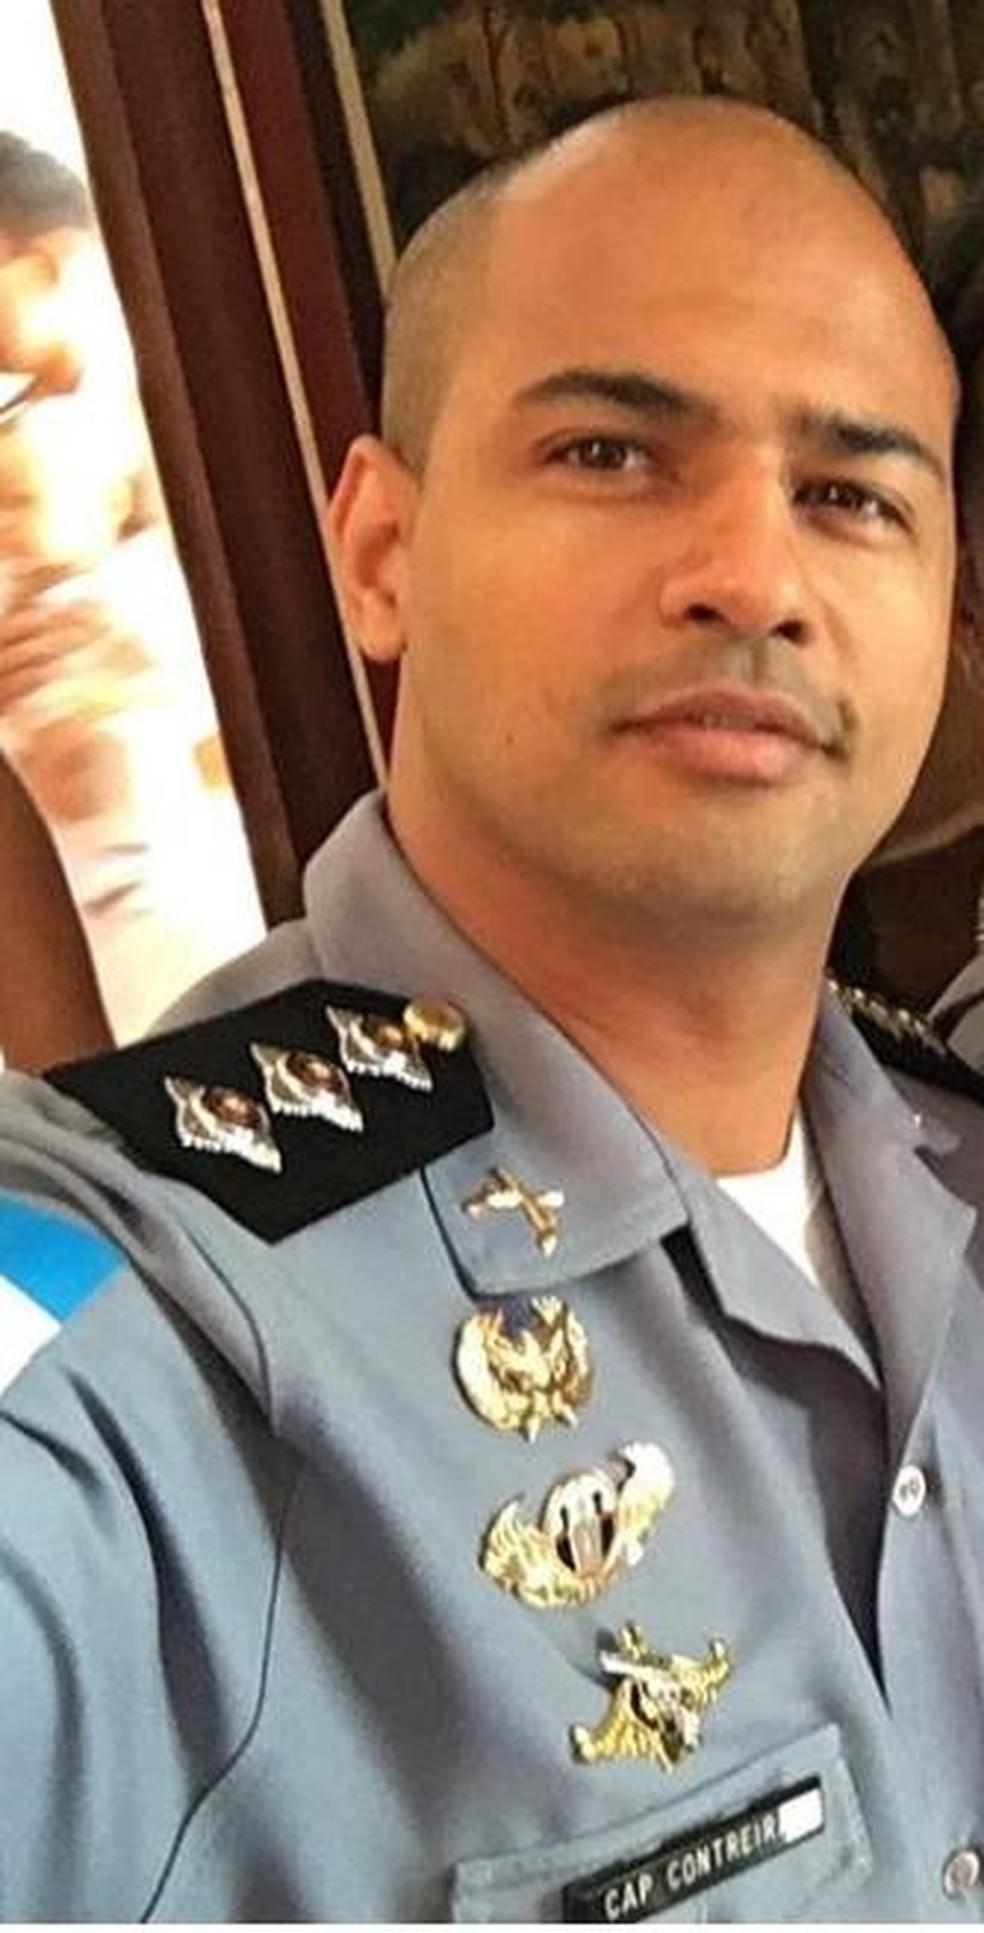 Oficial da PM foi morto em Jacarepaguá em tentativa de assalto (Foto: Arquivo pessoal)